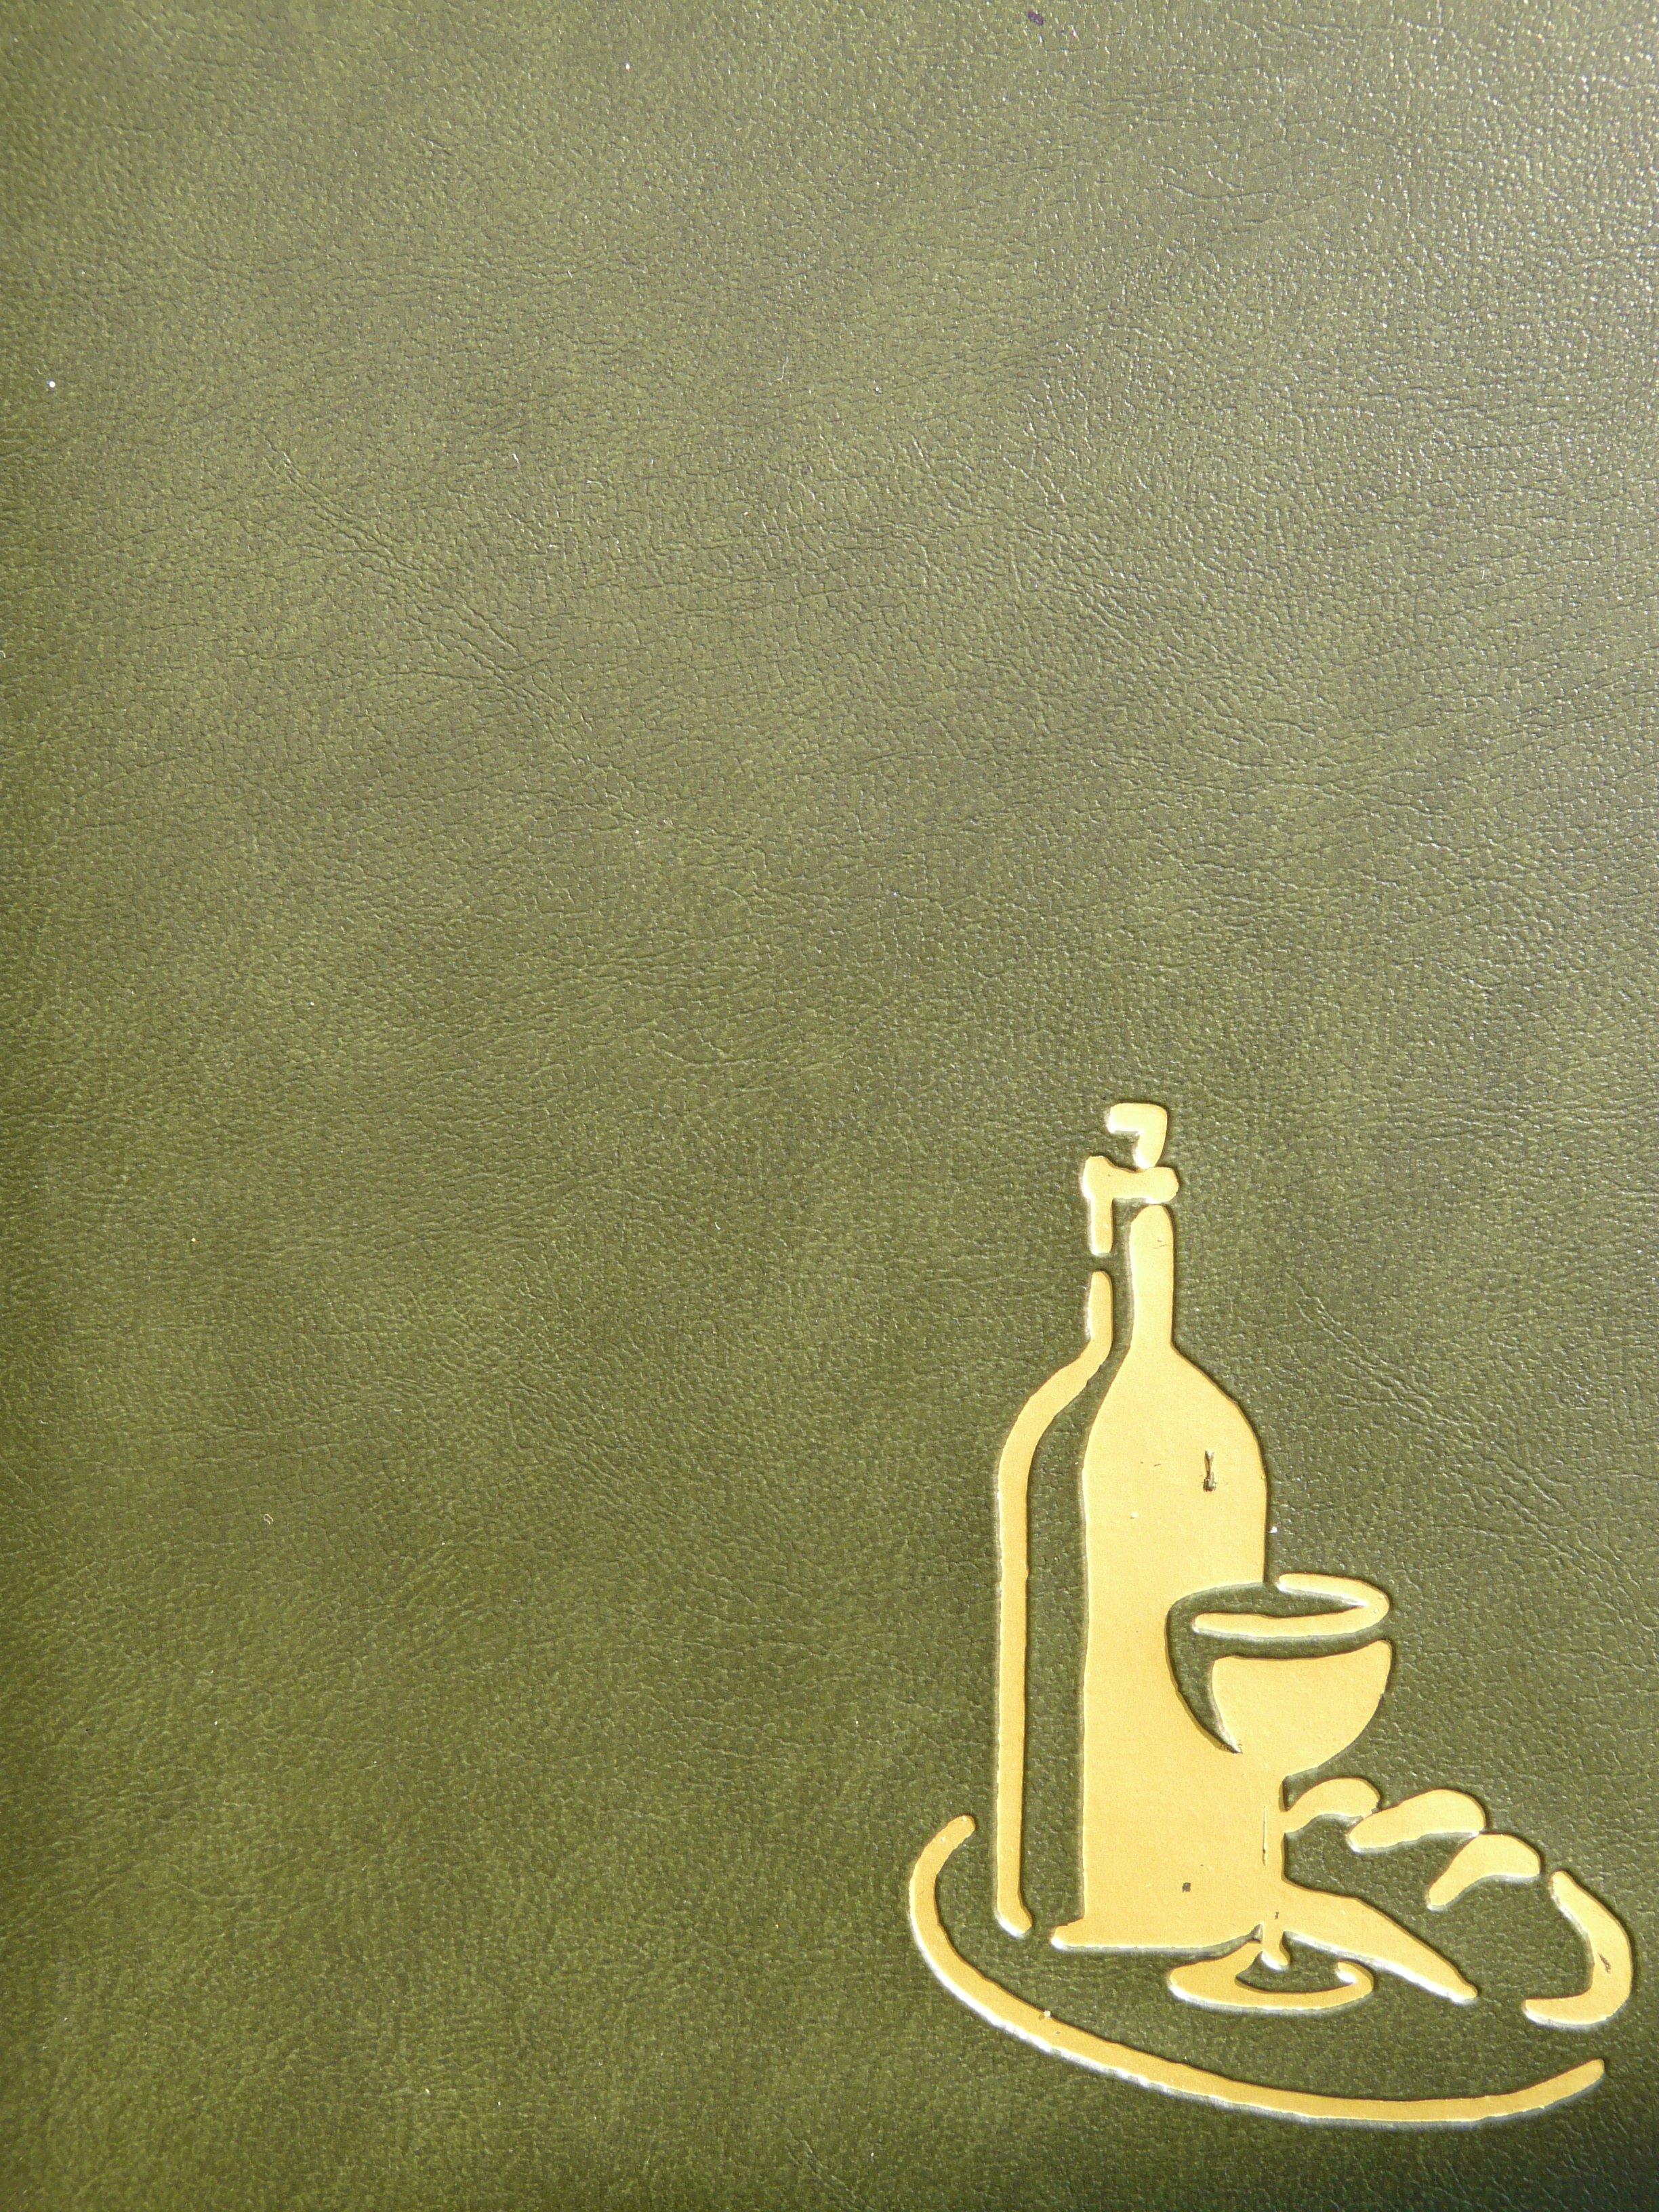 Gambar Hijau Menu Kuning Bahan Peta Botol Anggur